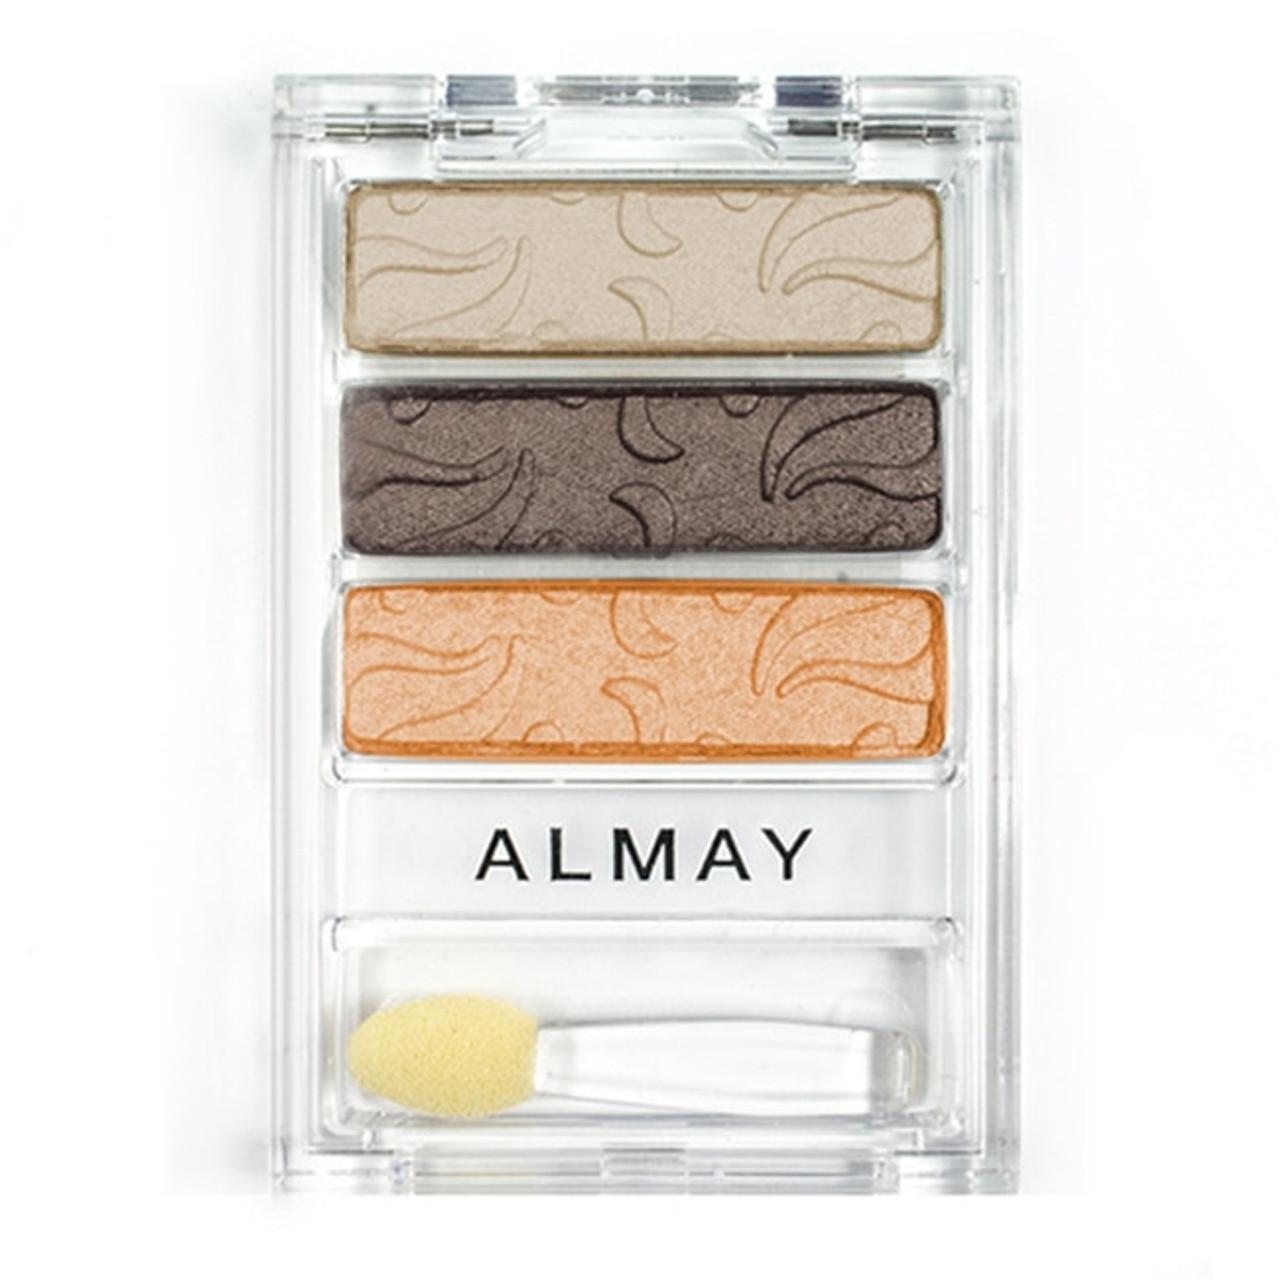 almay intense i-color powder eye shadow - play uptrio